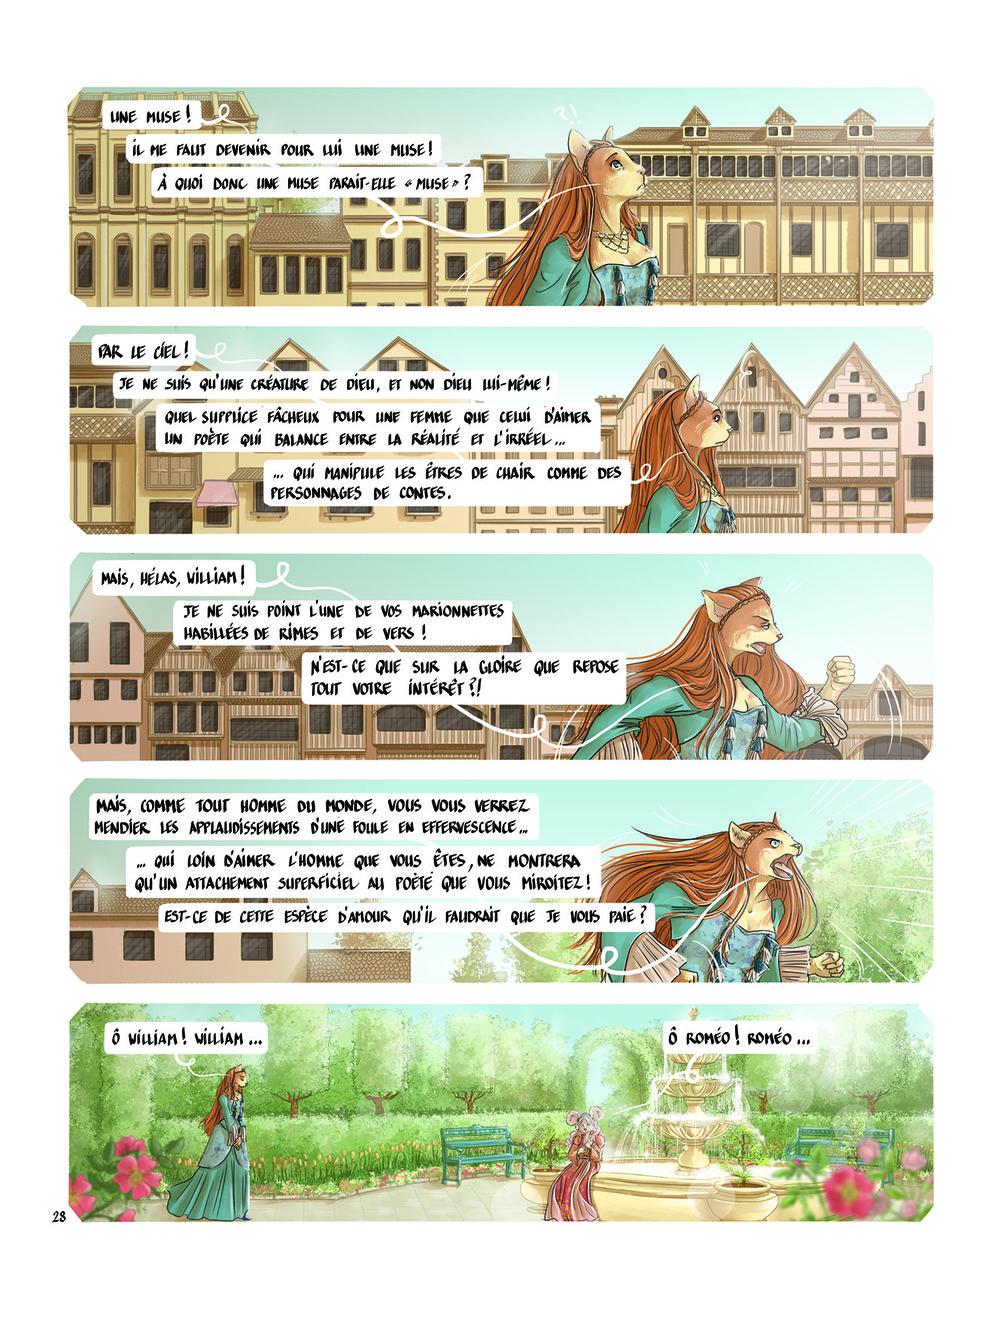 Aurélie Betsch Illustrations - Coup de Théâtre, planche 28